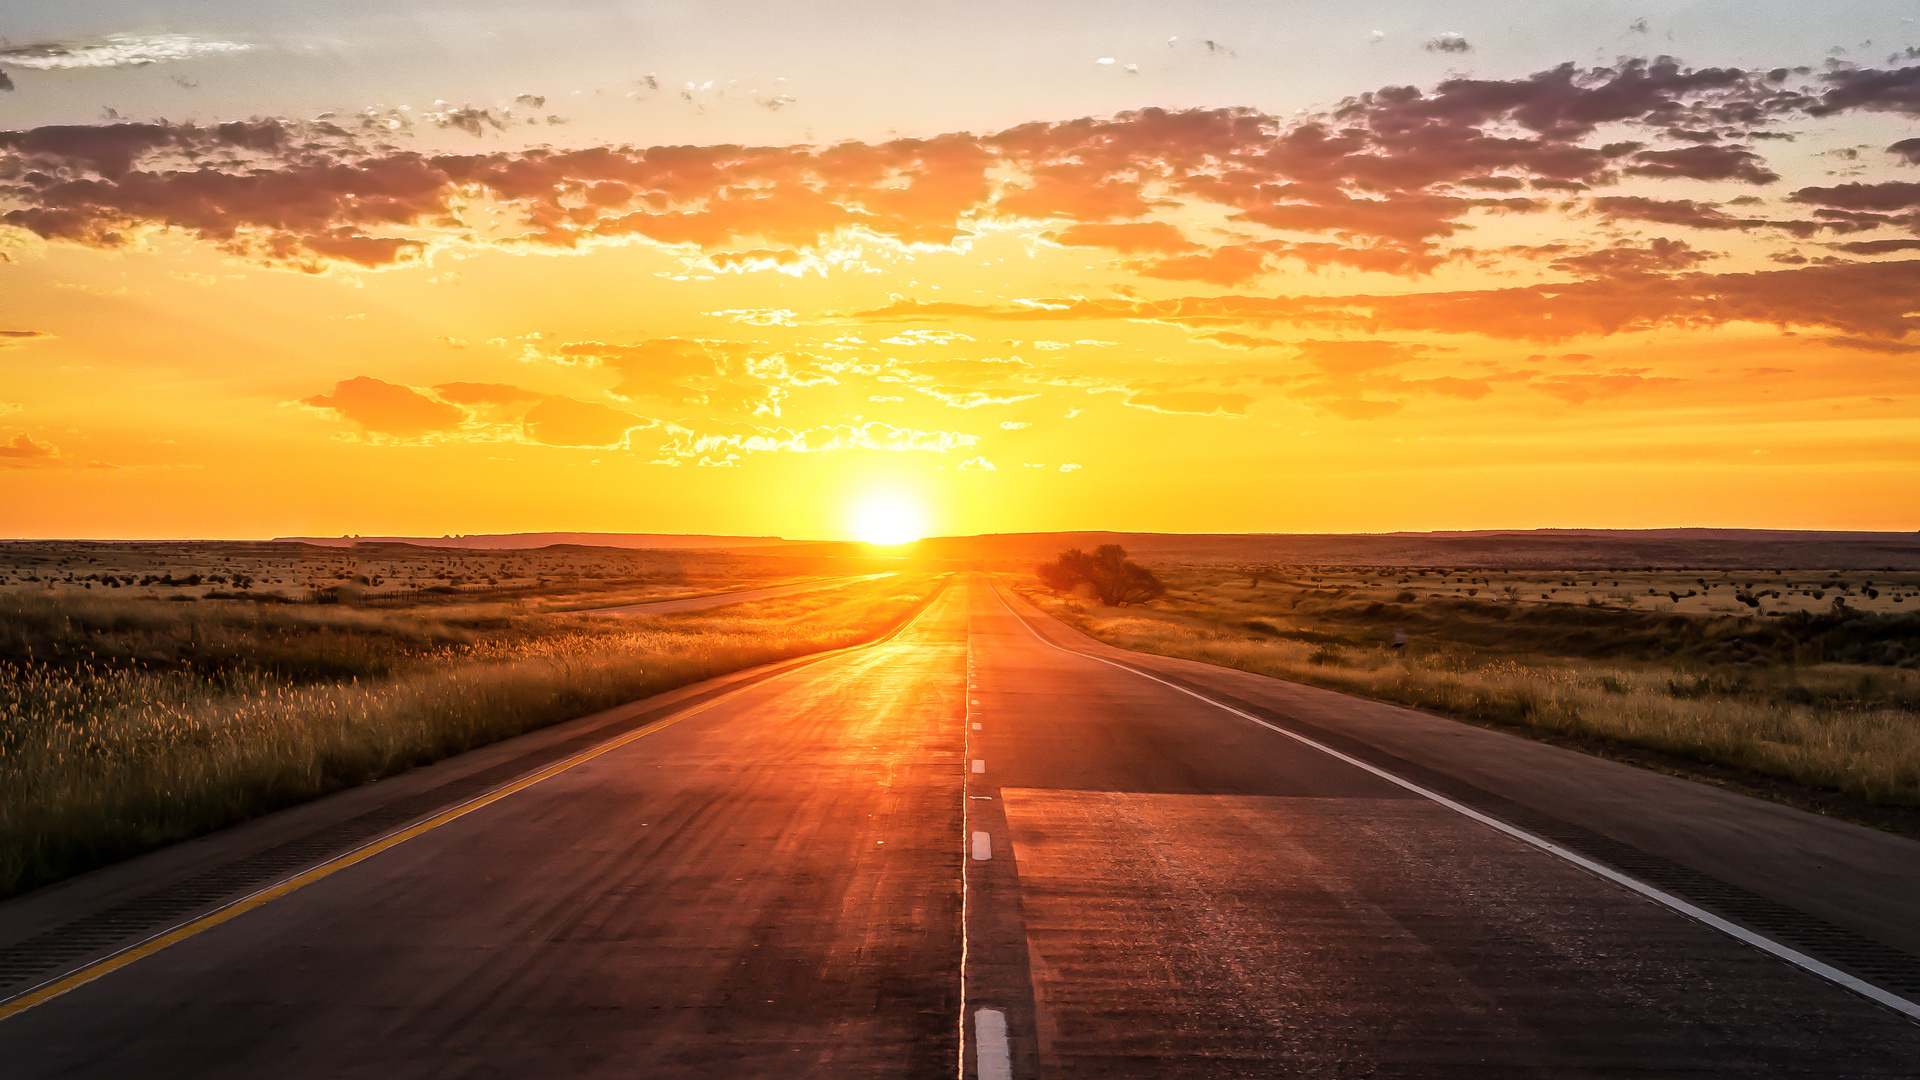 закат дорога